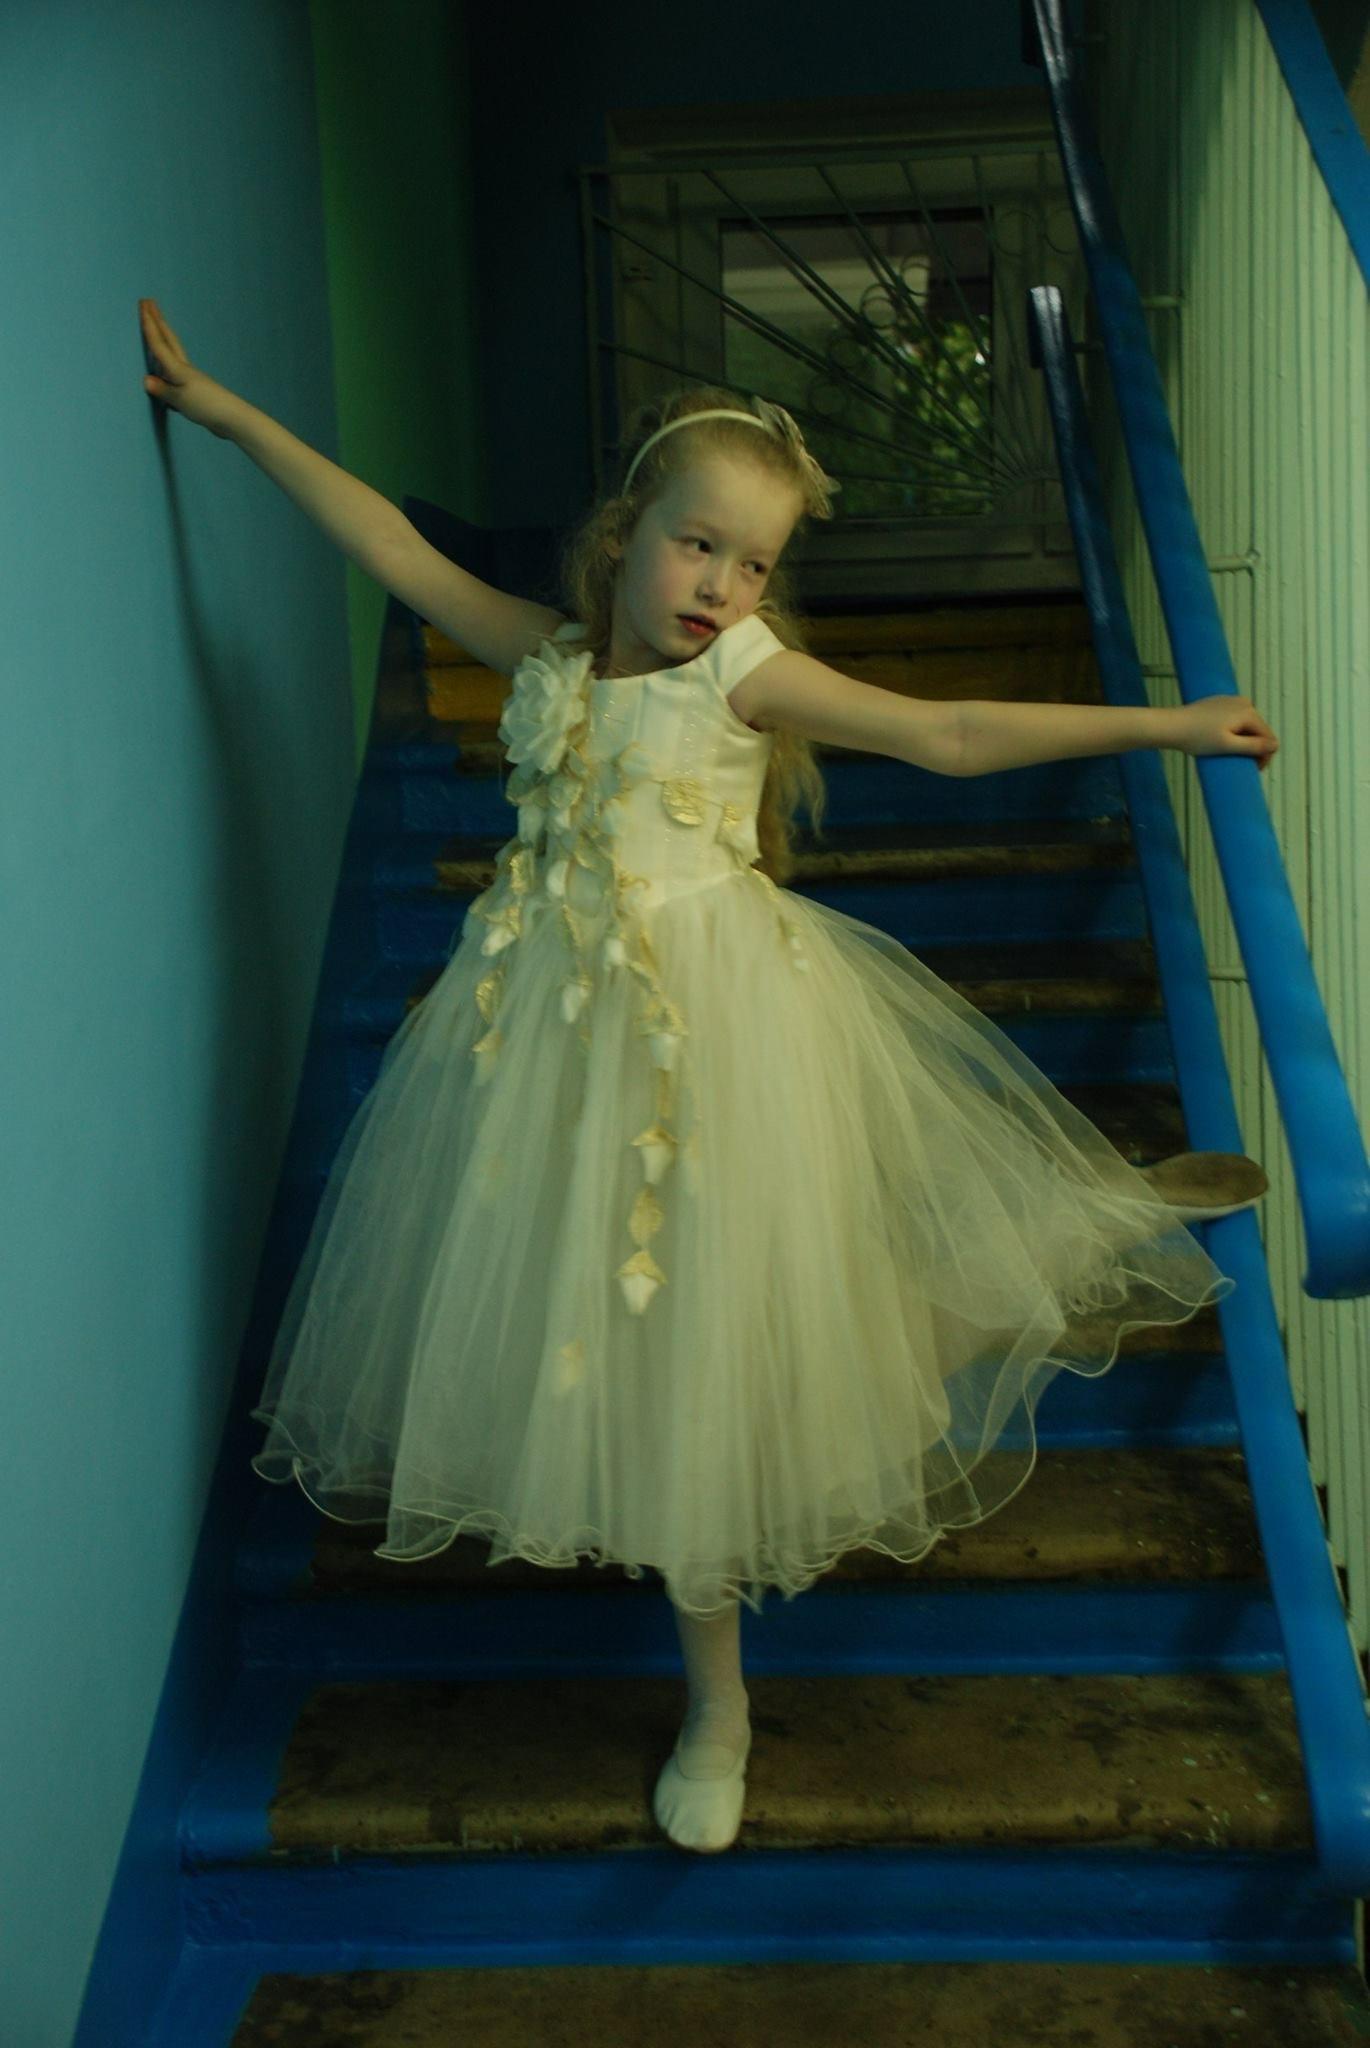 Моя принцесса). Принцесса собирается на бал